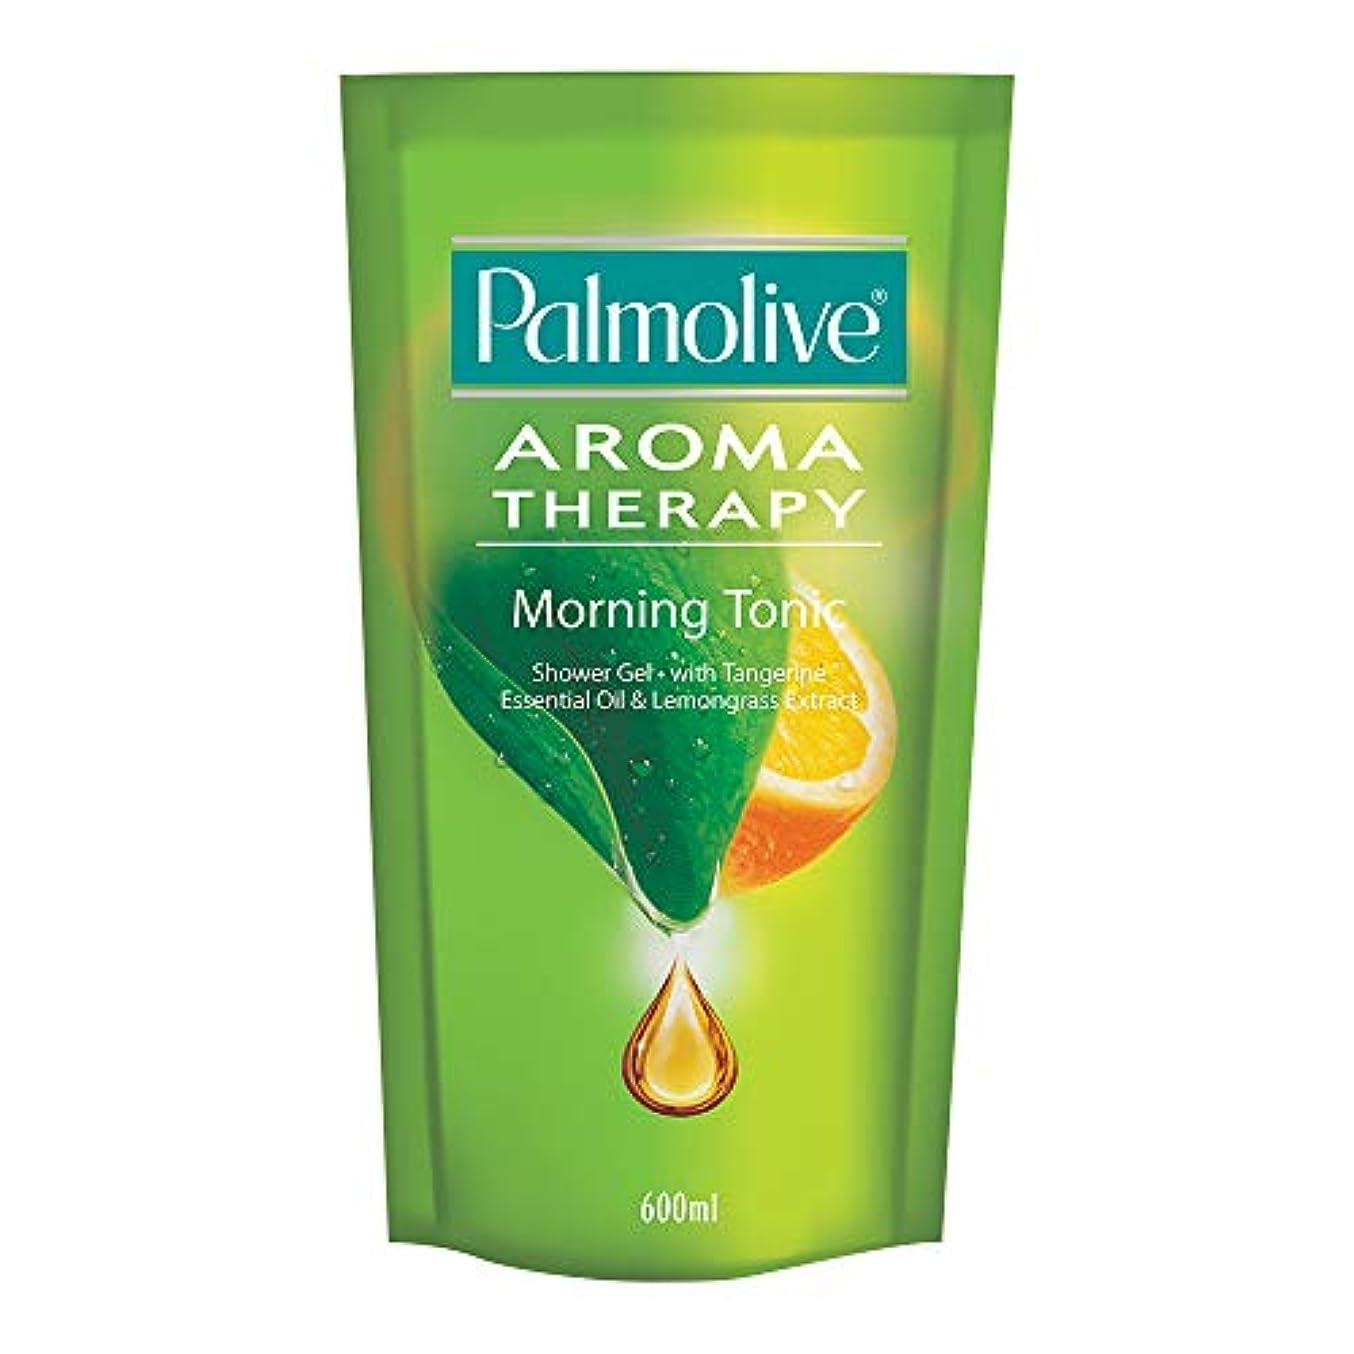 可能性不条理一節Palmolive/パルモリーブ AROMA Therapy Morning Tonic/モーニングトニック Shower Gel 600ml Refill 詰替